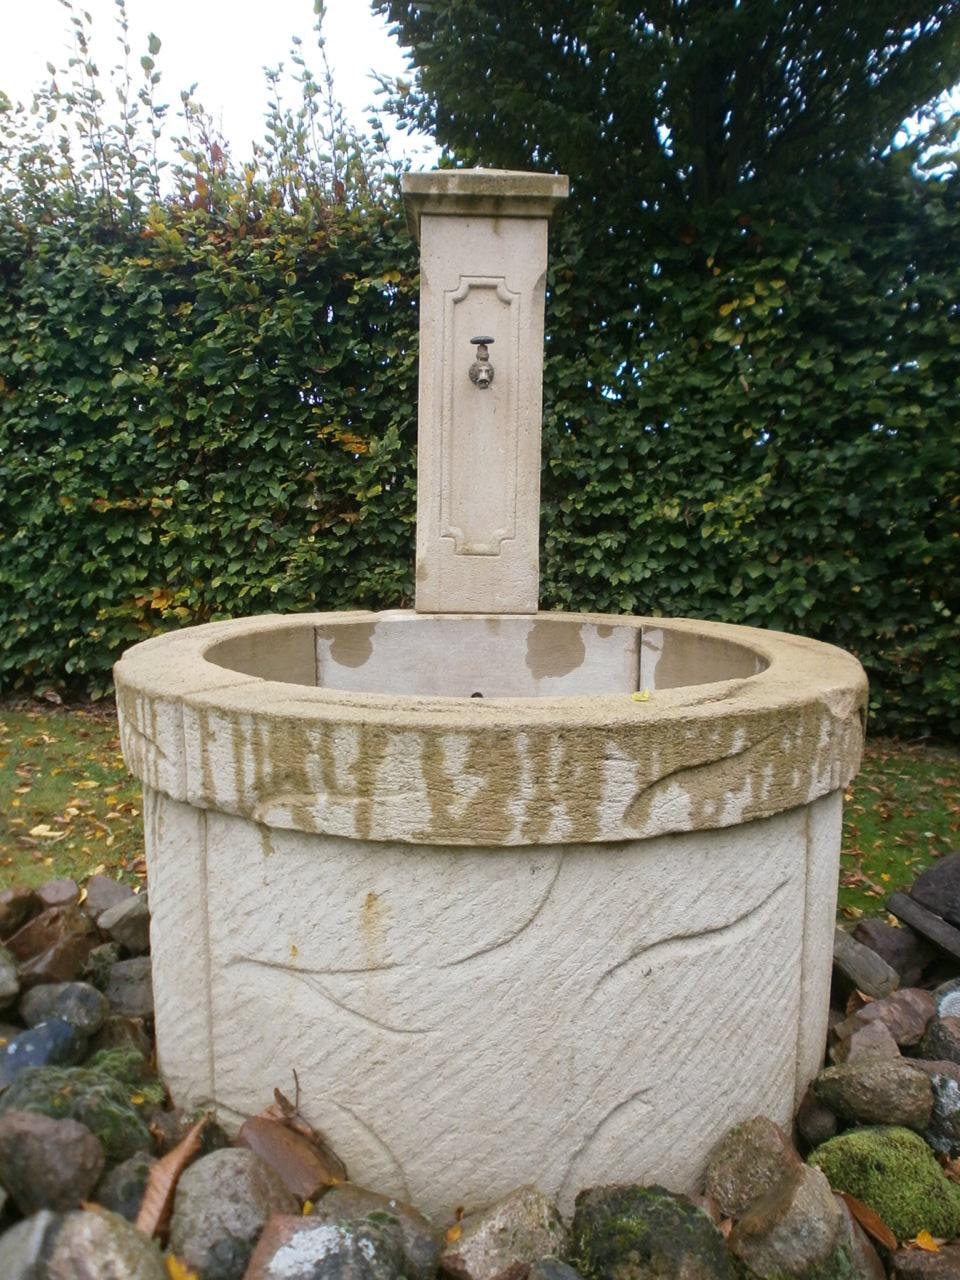 Ringbrunnen, Ausstellungstück mit ein wenig Patina